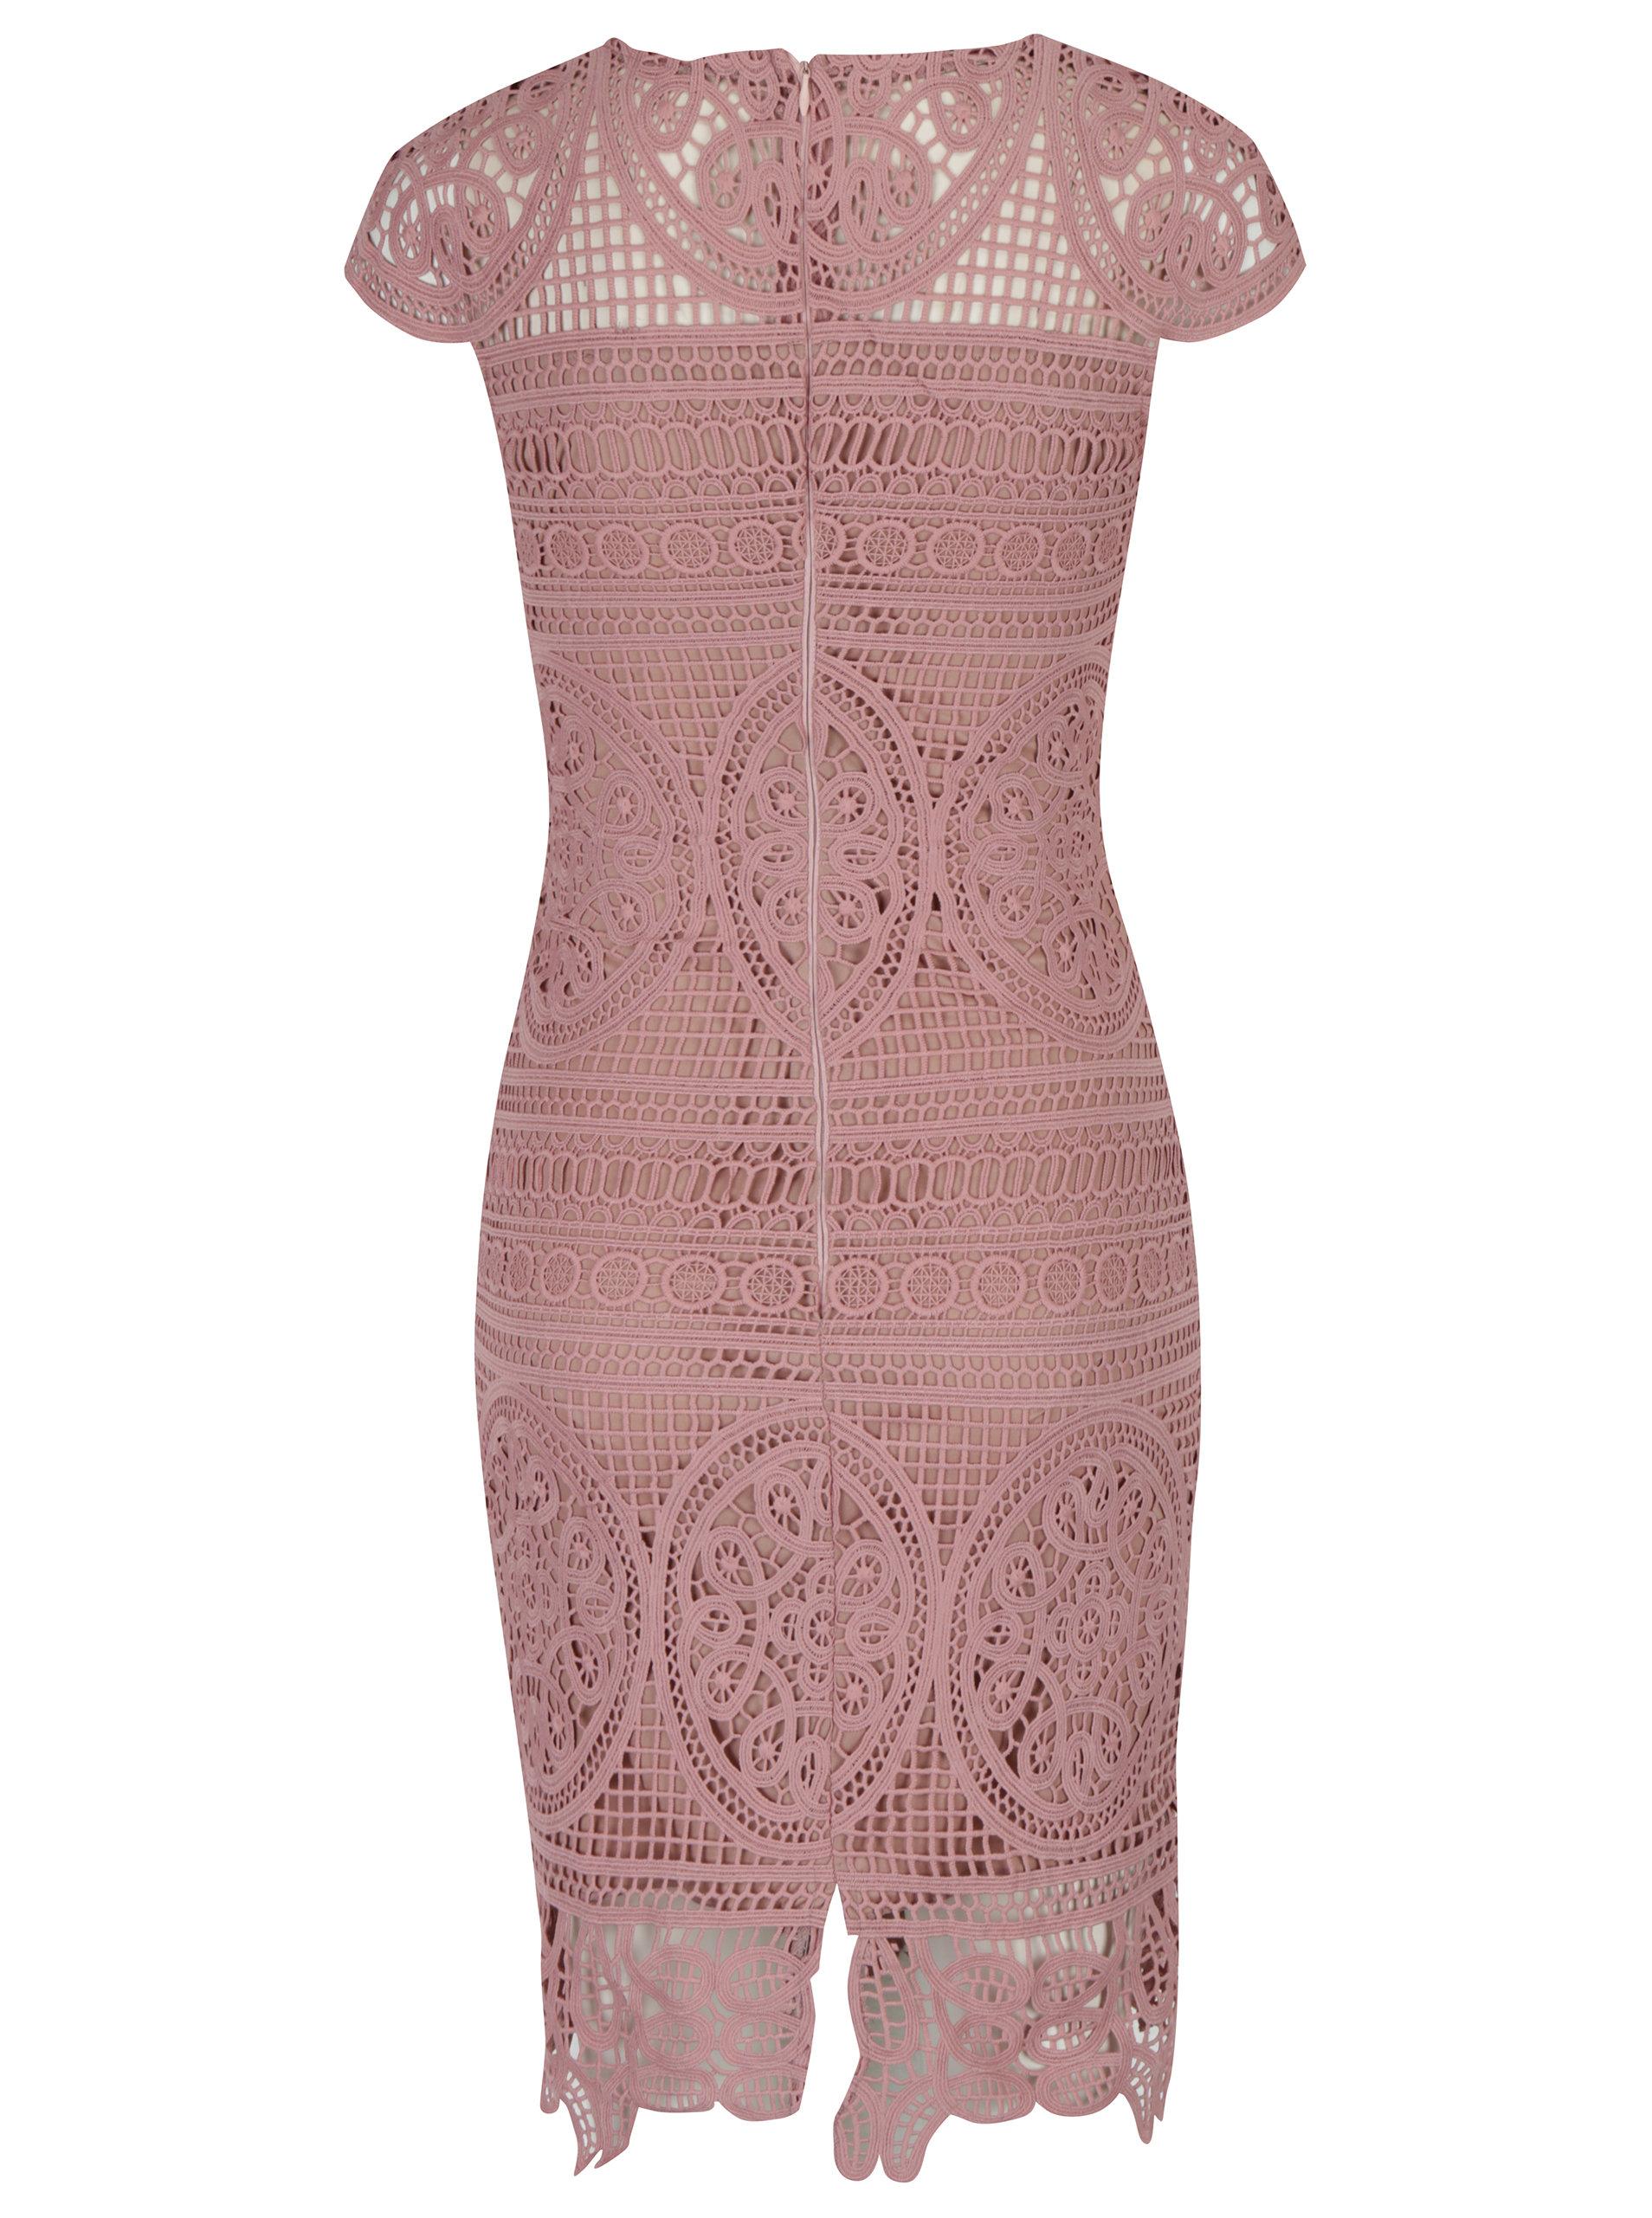 2faf23a768f3 Staroružové čipkované puzdrové šaty Miss Grey Nadia ...